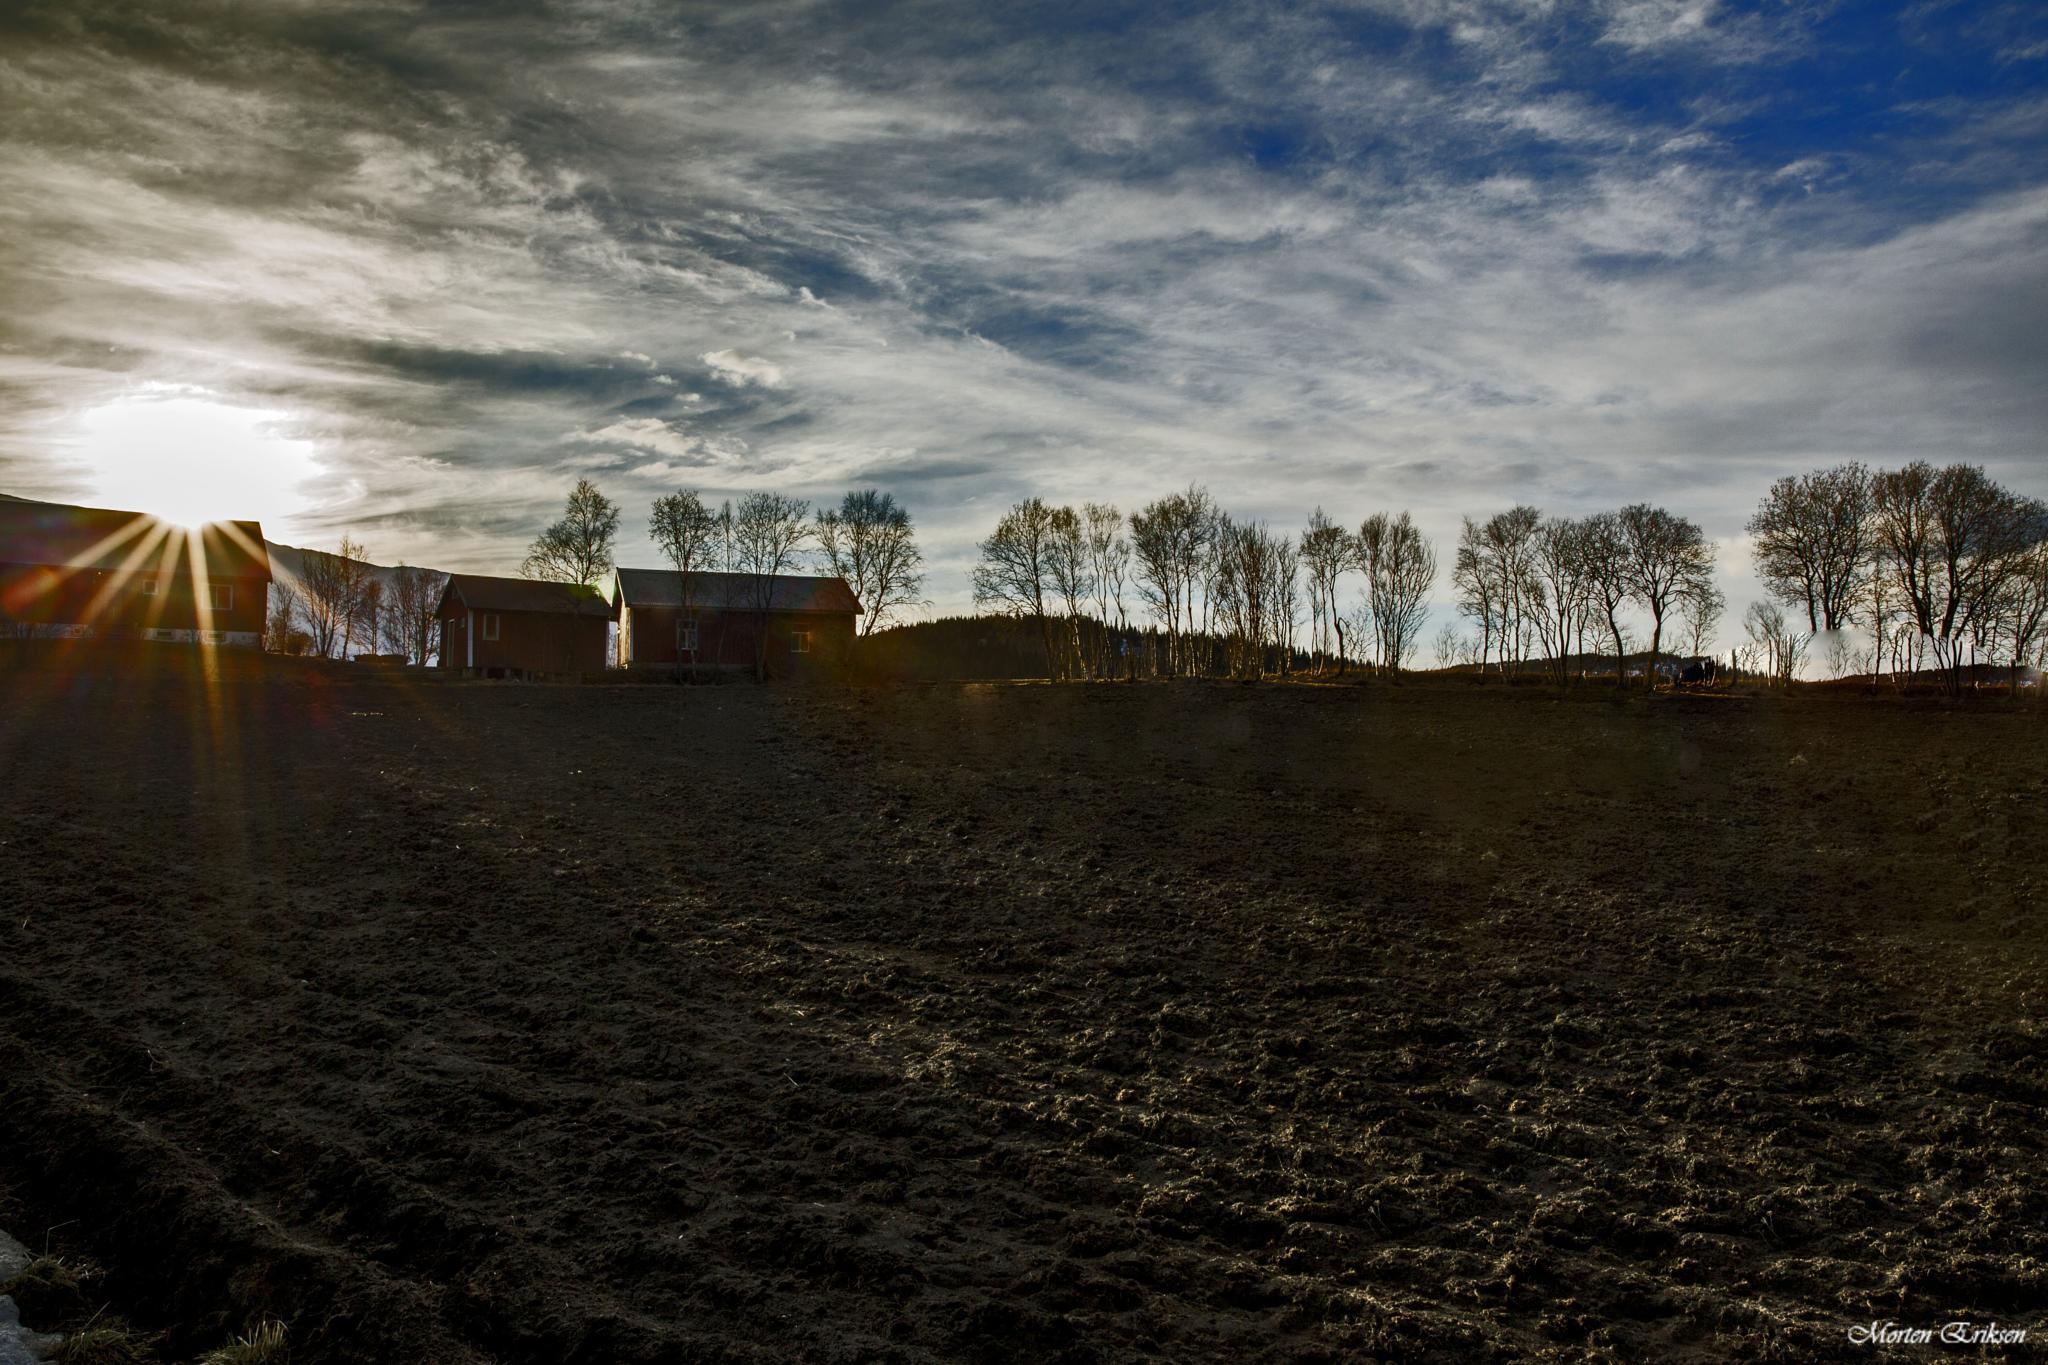 House on plowed ground by Morten Eriksen